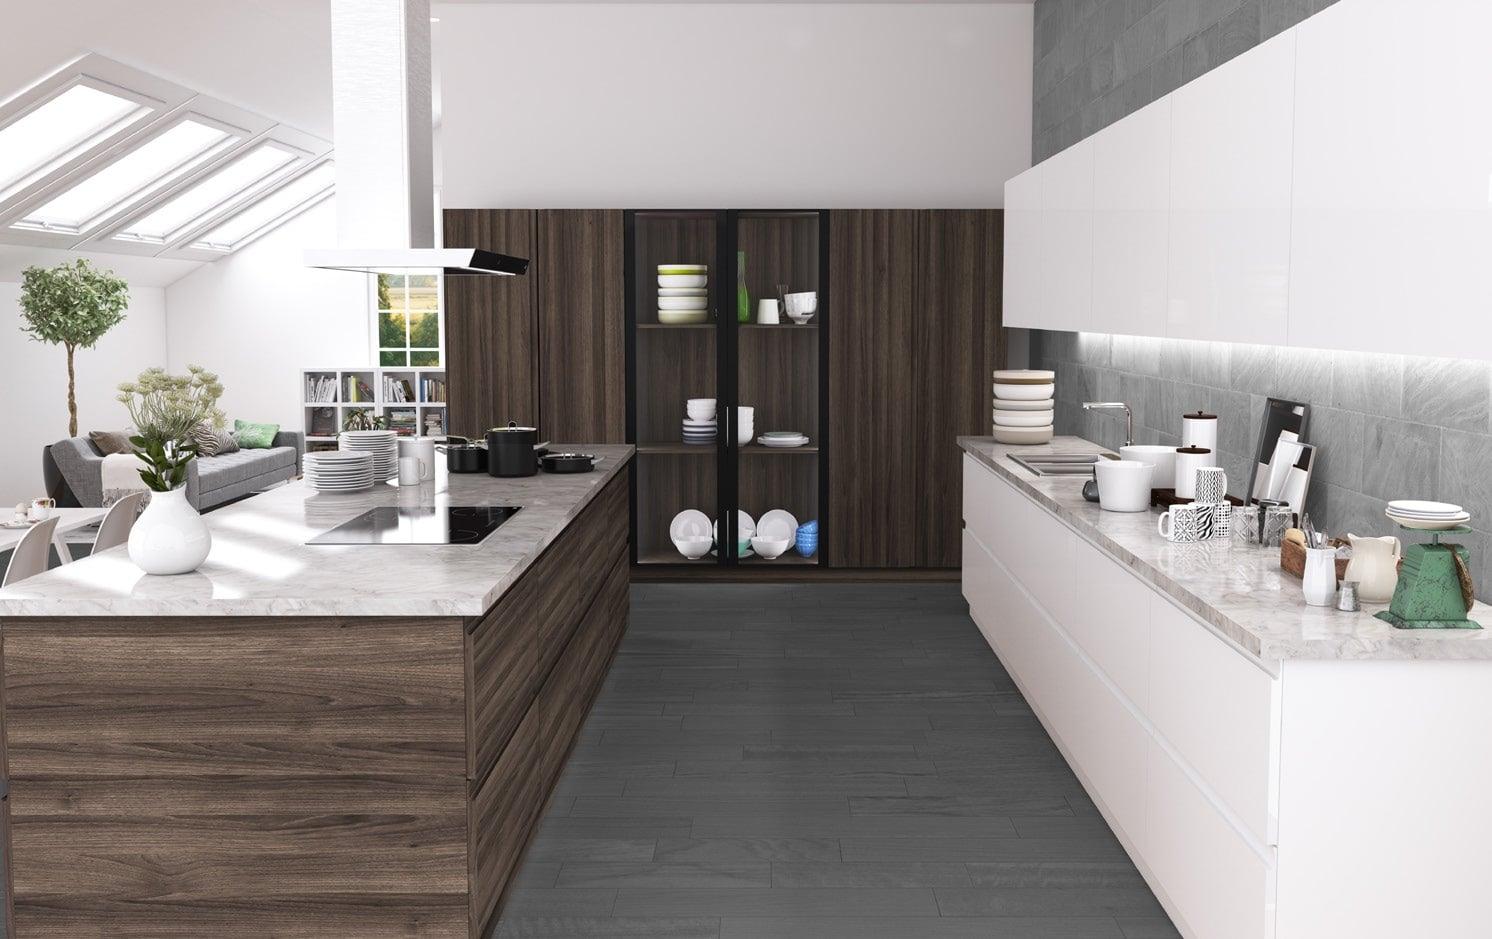 Cocina Calidad y diseño